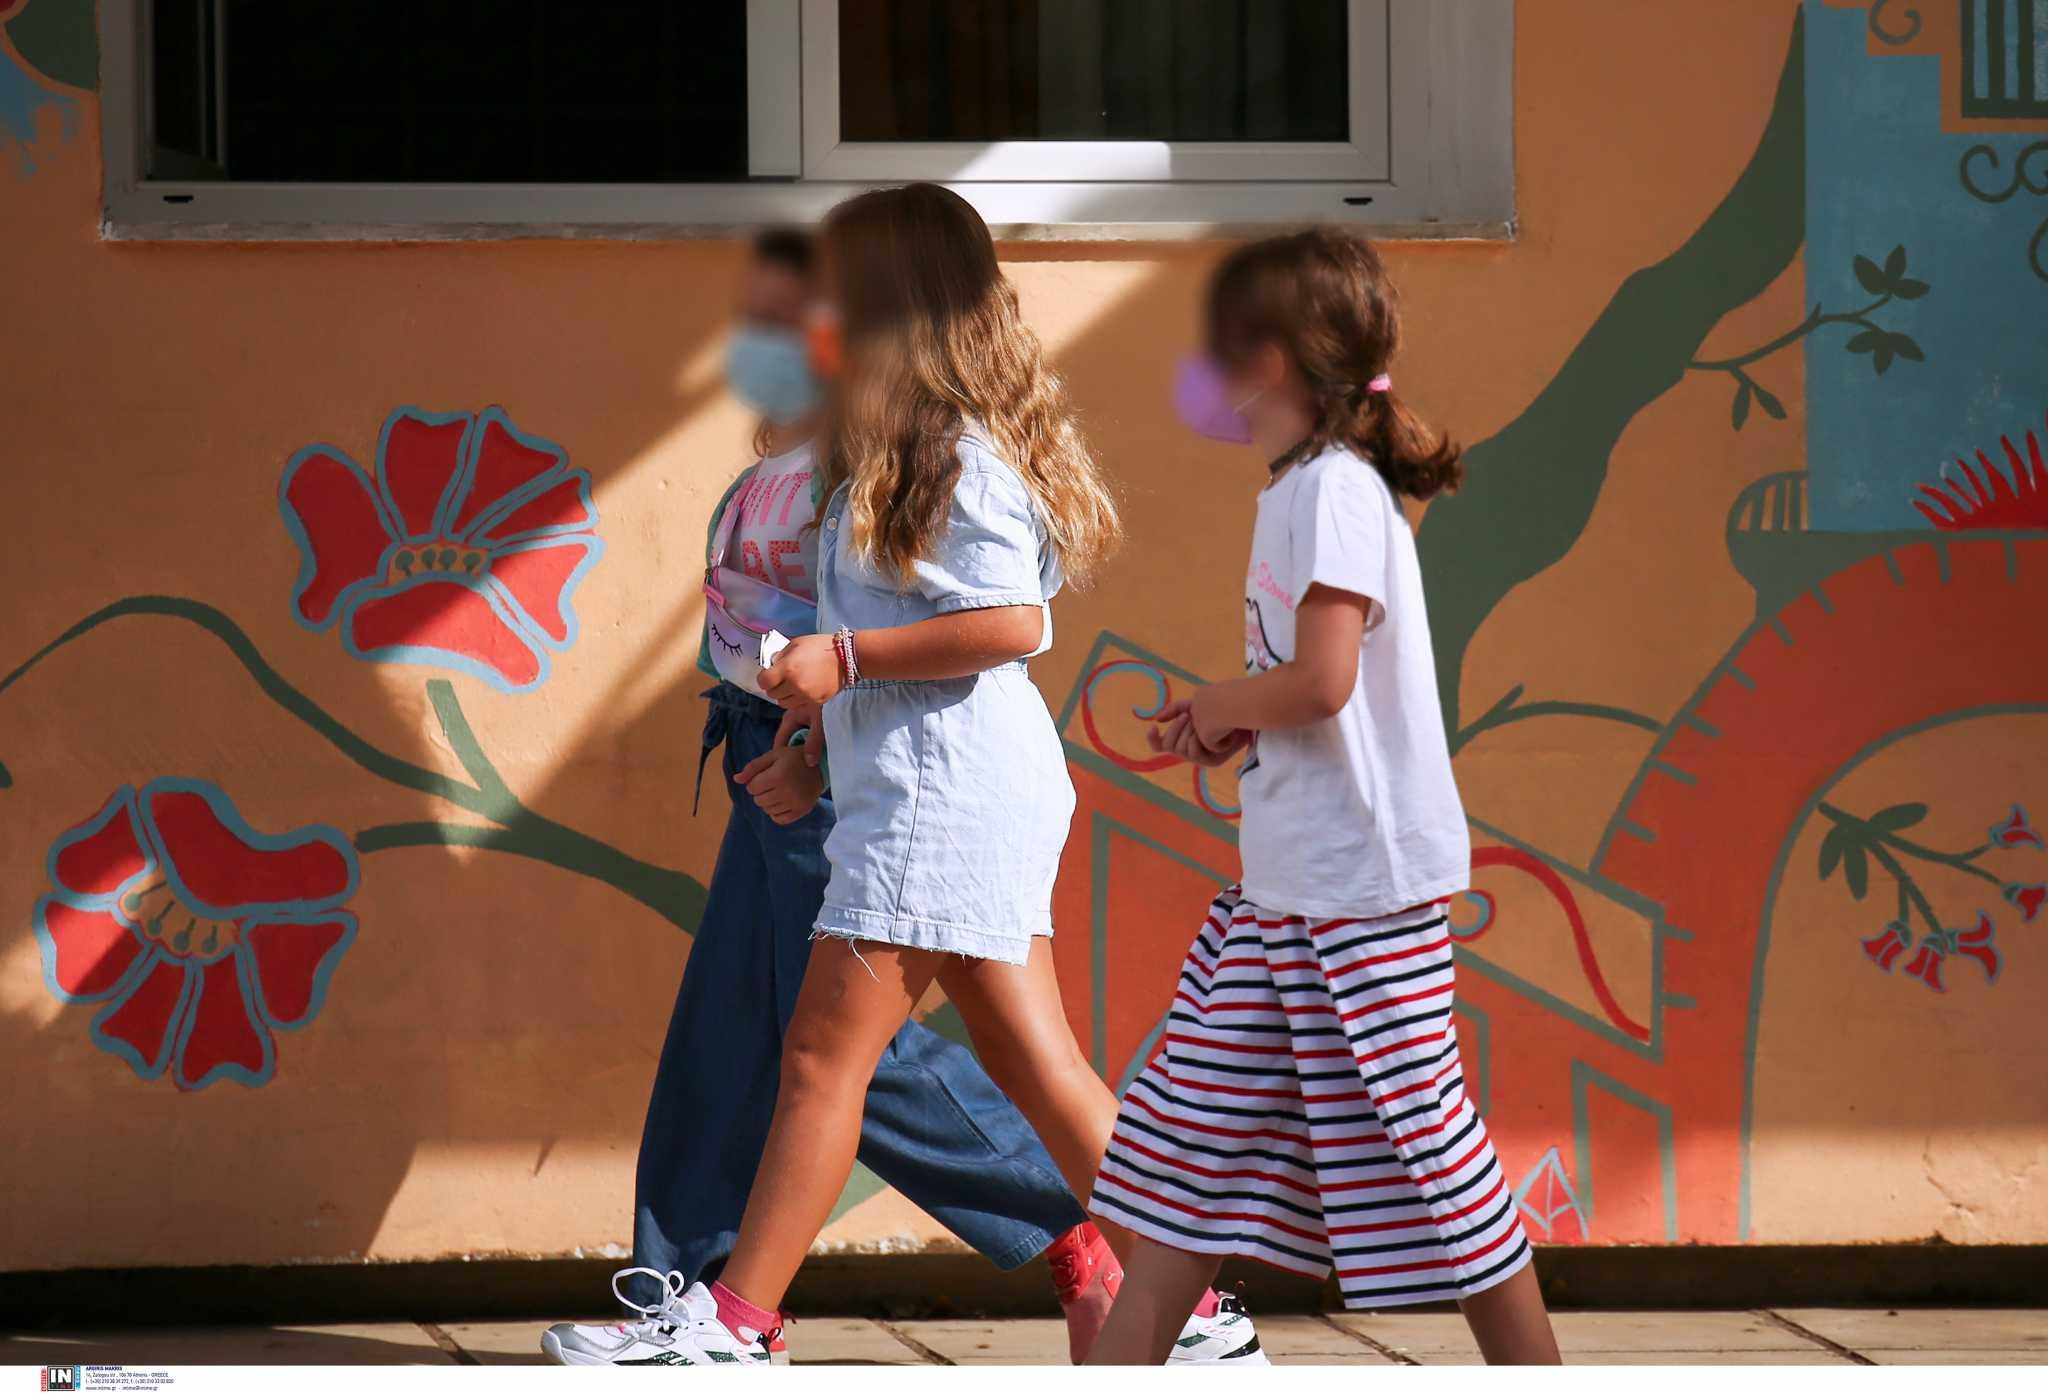 ΥΠΑΙΘ: Λιγότερα τα κρούσματα σε παιδιά από ότι πριν ανοίξουν τα σχολεία